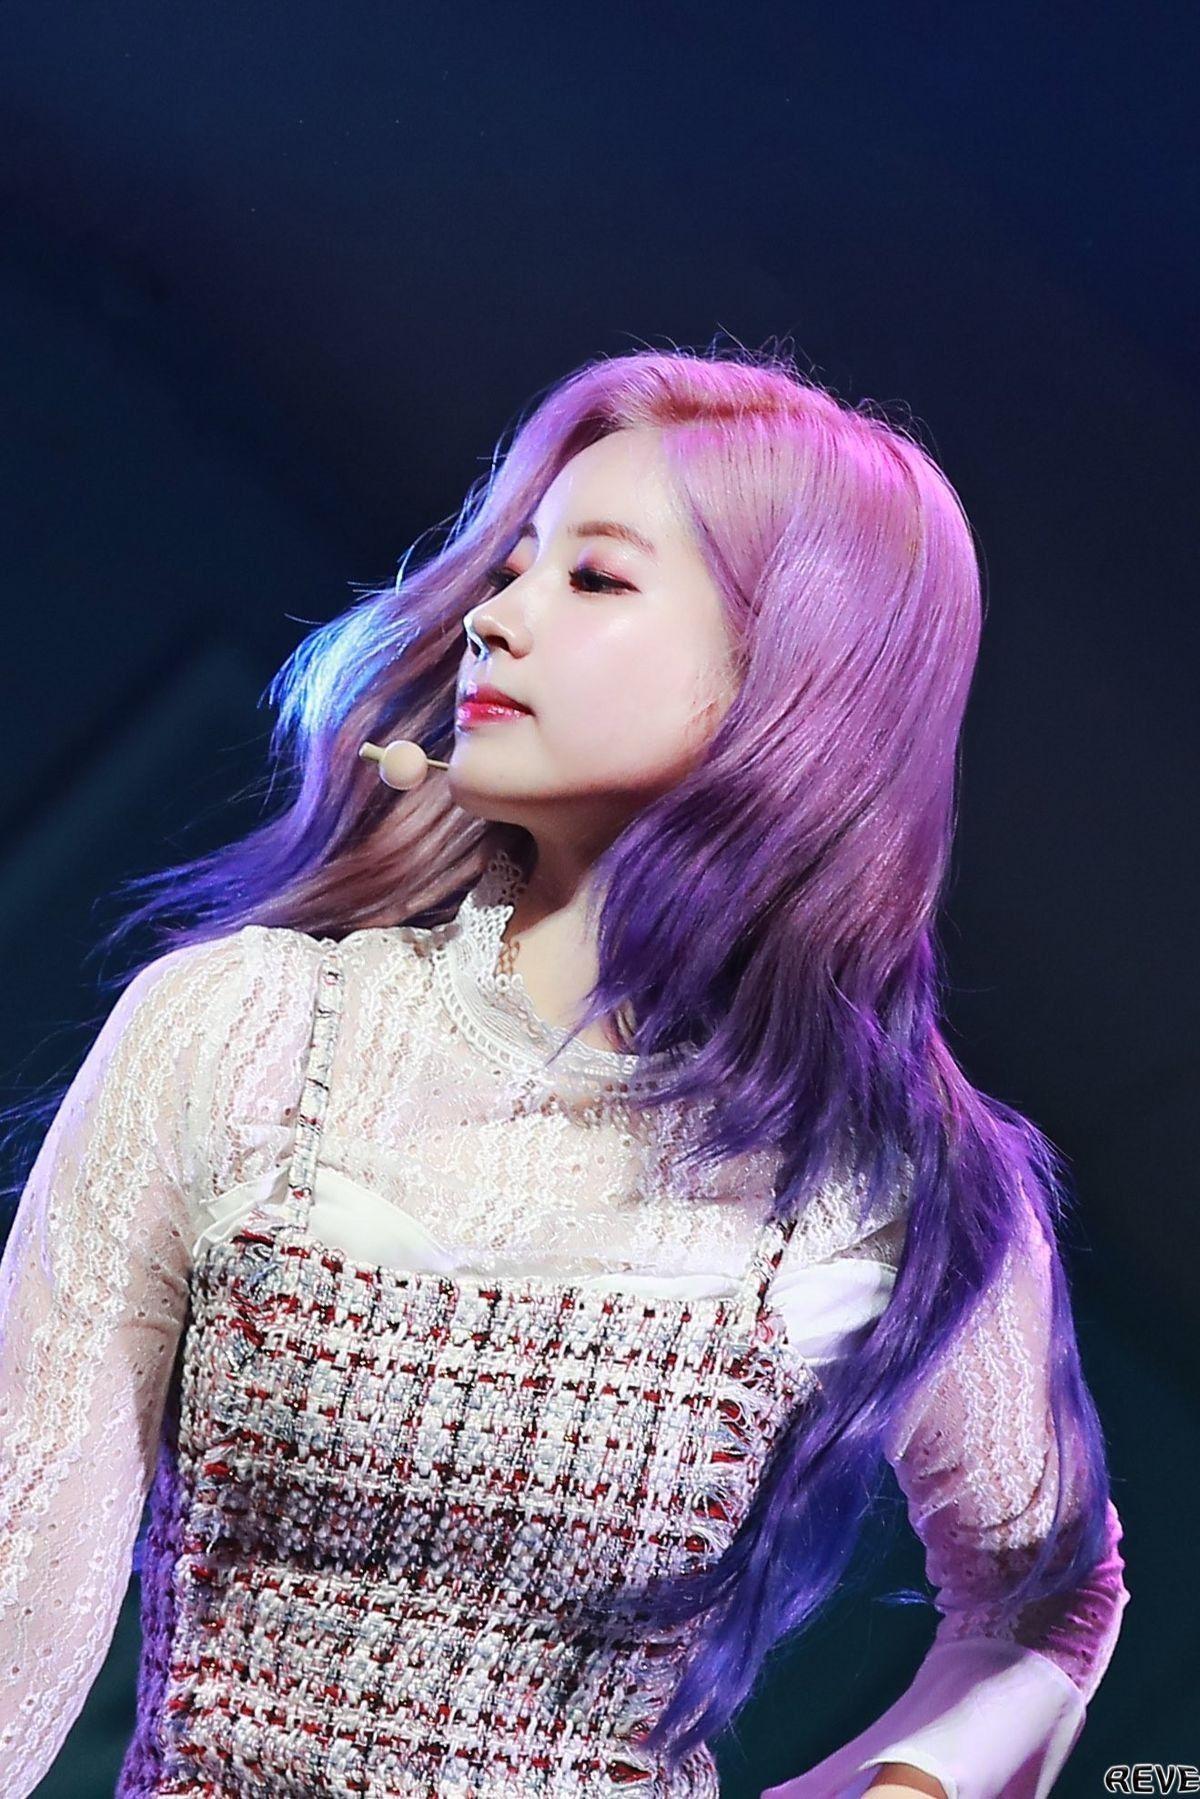 Dahyun Kimdahyun Twice Kpop Jyp Jyp Koreanmusic Idol Kpopidol Twice Dahyun Twice Kpop Twice Jyp